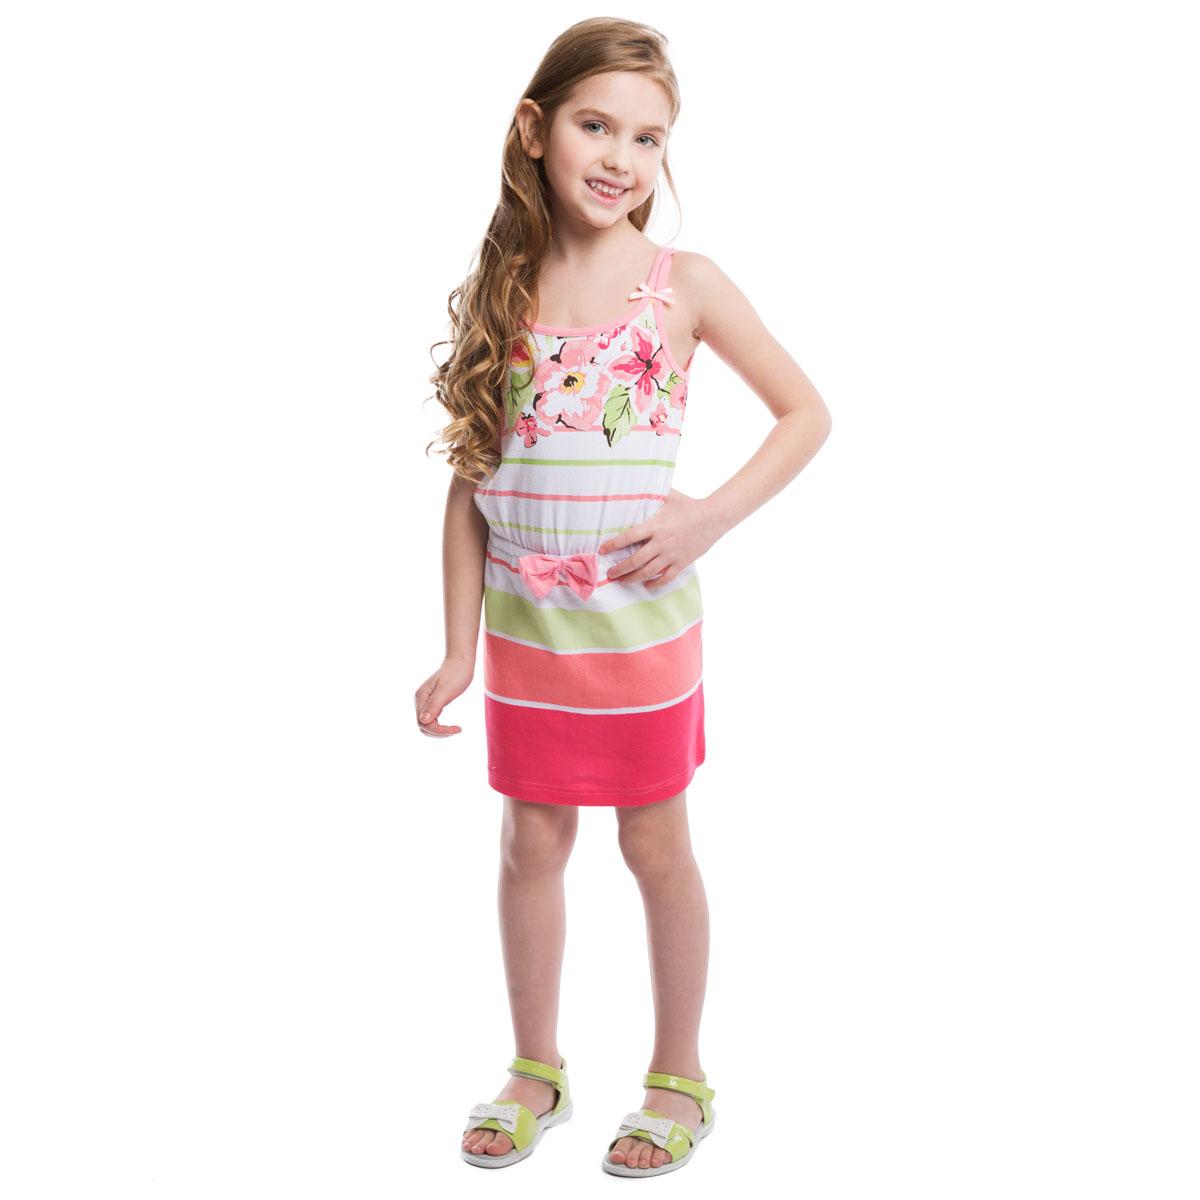 Сарафан для девочки PlayToday, цвет: розовый, белый, салатовый. 262018. Размер 98, 3 года262018Очаровательный сарафан для девочки PlayToday идеально подойдет вашей маленькой моднице. Изготовленный из эластичного хлопка, он необычайно мягкий и приятный на ощупь, не сковывает движения и позволяет коже дышать, не раздражает даже самую нежную и чувствительную кожу ребенка, обеспечивая наибольший комфорт.Сарафан прямого кроя с тонкими двойными бретелями и круглым вырезом горловины оформлен принтом в полоску и нежным цветочным рисунком. Бретельки декорированы маленькими атласными бантиками. На талии - эластичная скрытая резинка, украшенная трикотажным бантом. Современный дизайн и расцветка делают этот сарафан модным и стильным предметом детского гардероба.